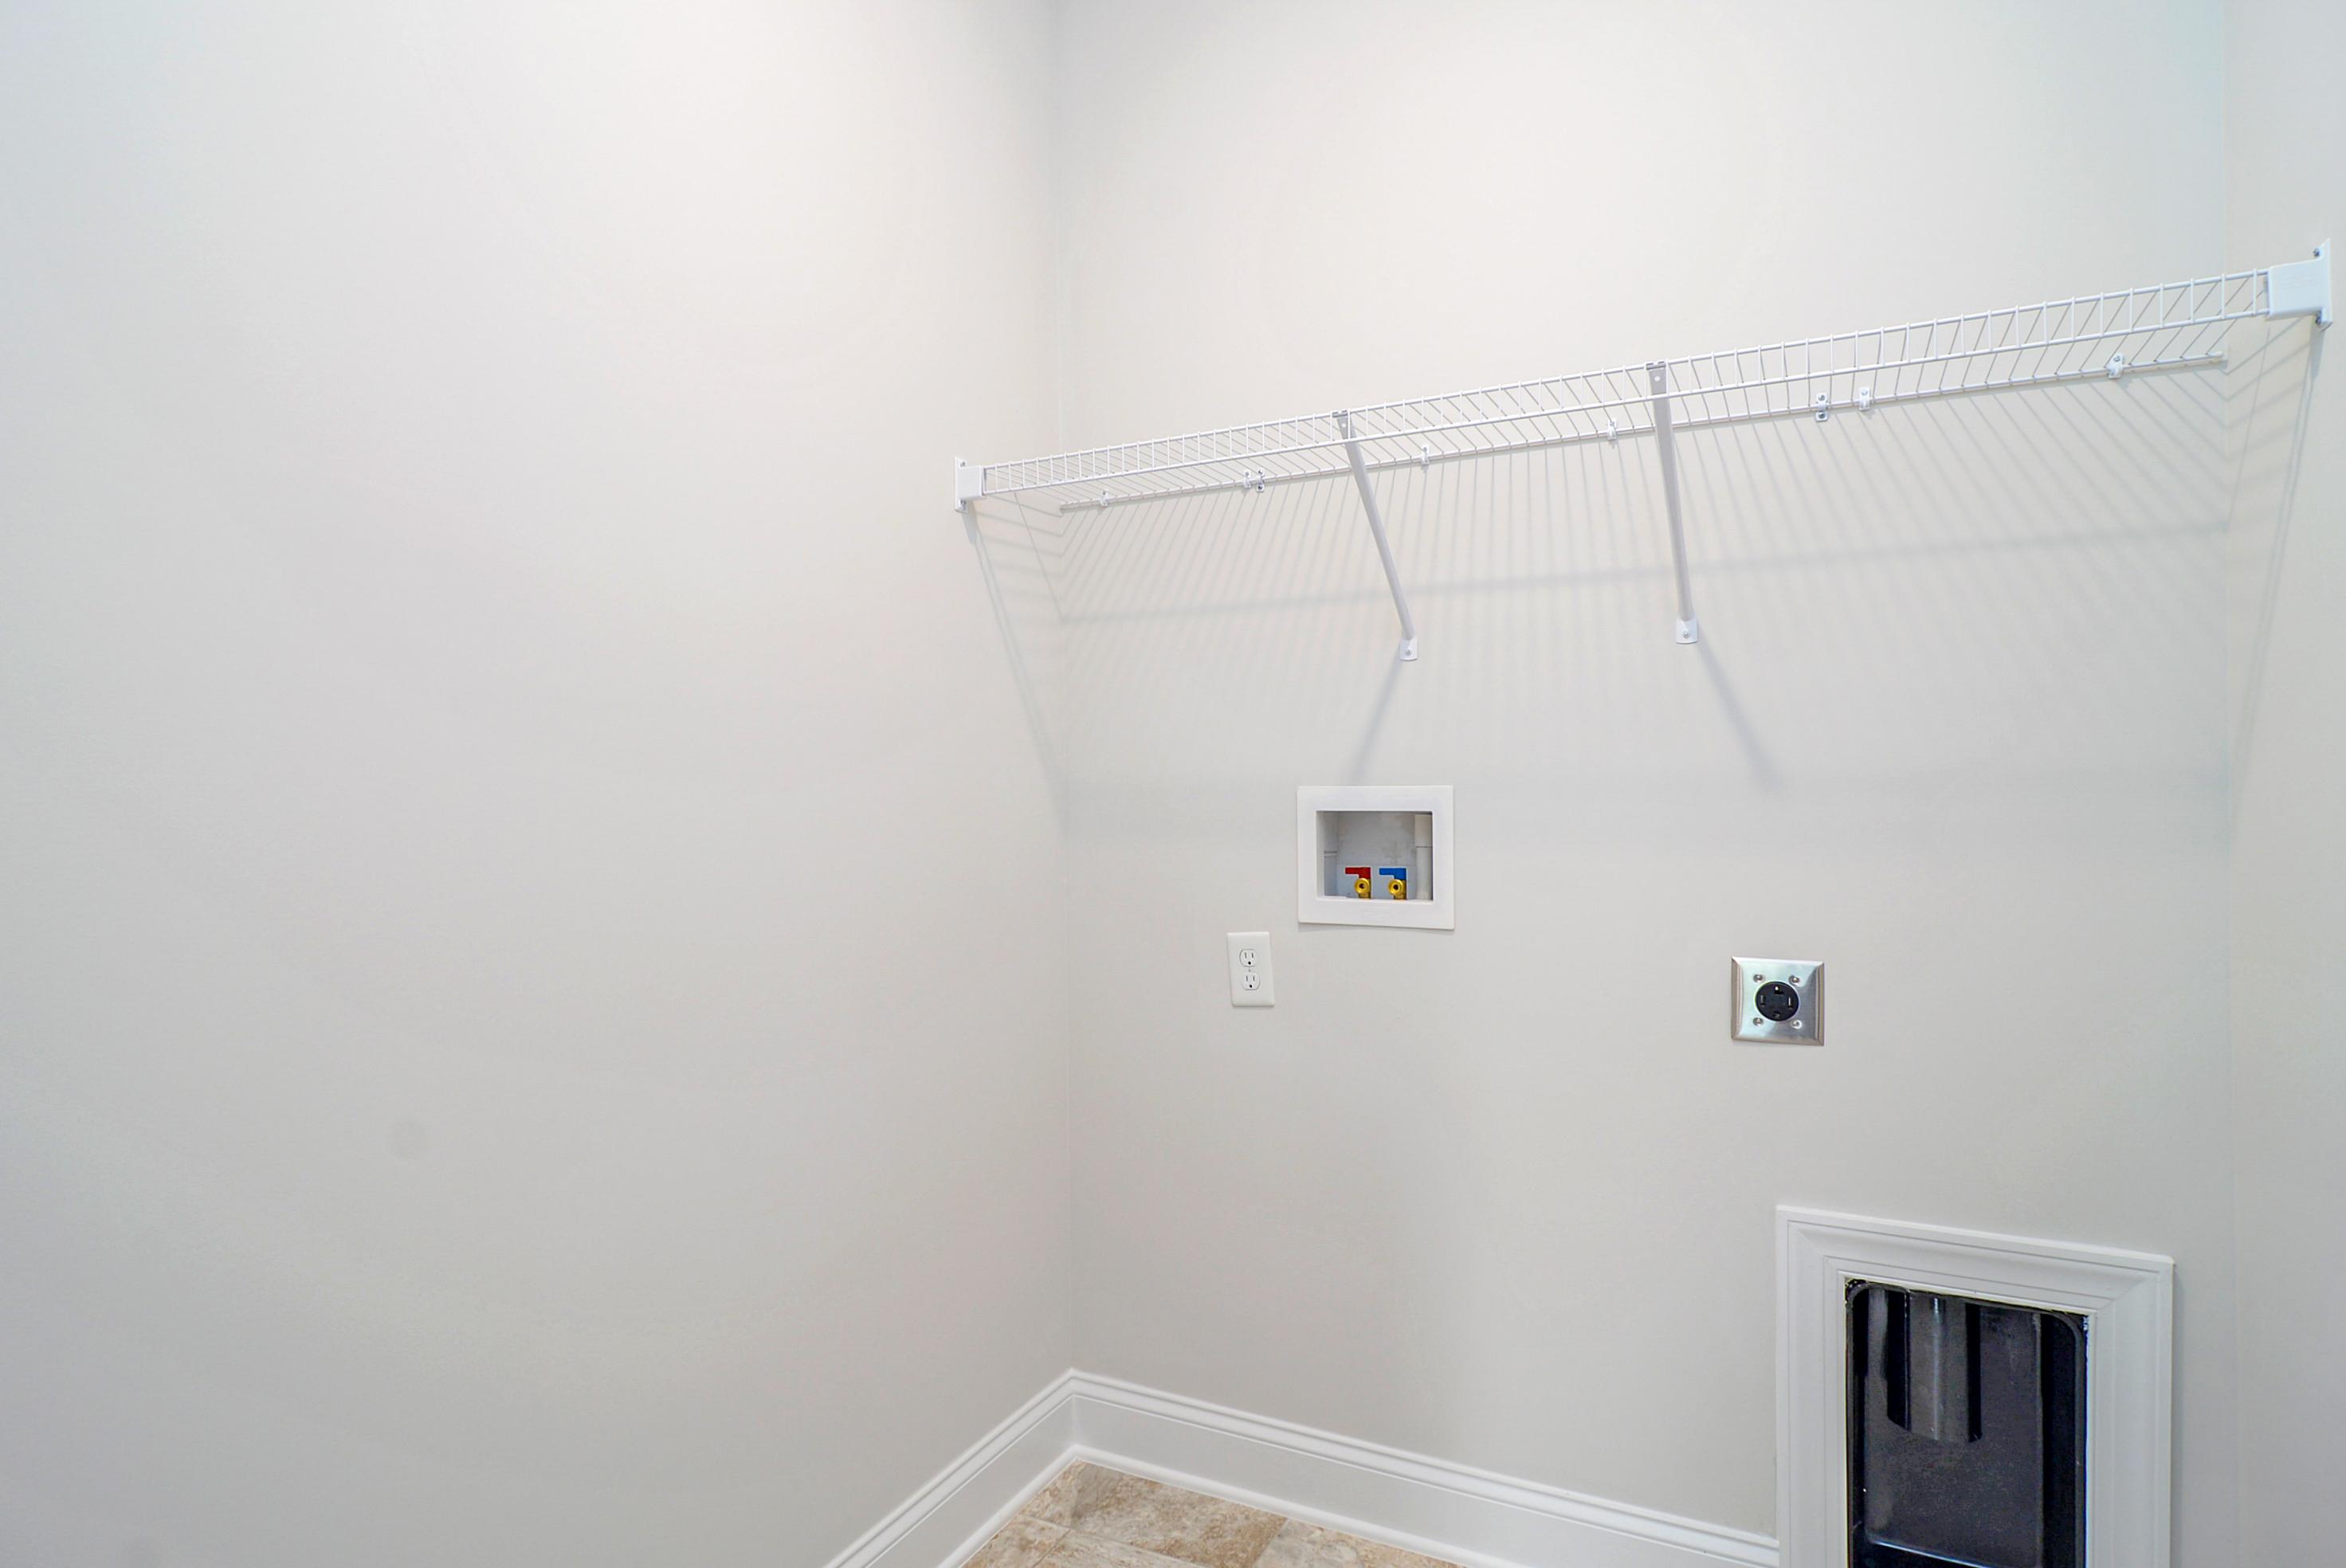 laundry_48716235888_o.jpg